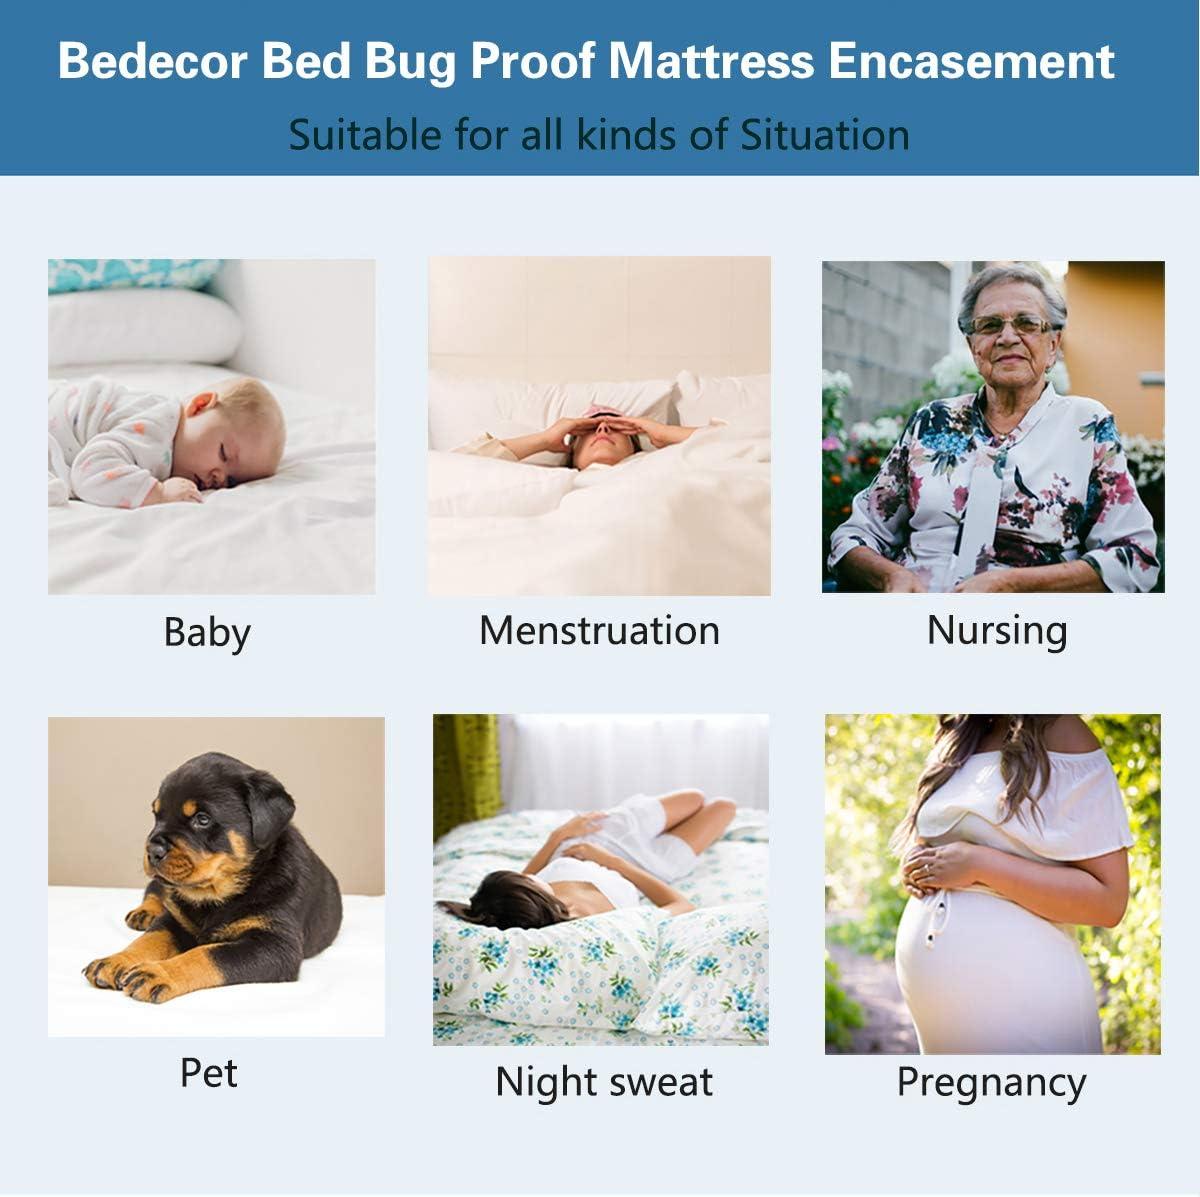 Bedecor Cotone Fodera coprimaterasso Impermeabile con Cerniera,Anti-allergia Antibatterico Anti-acaro 140x200+16cm